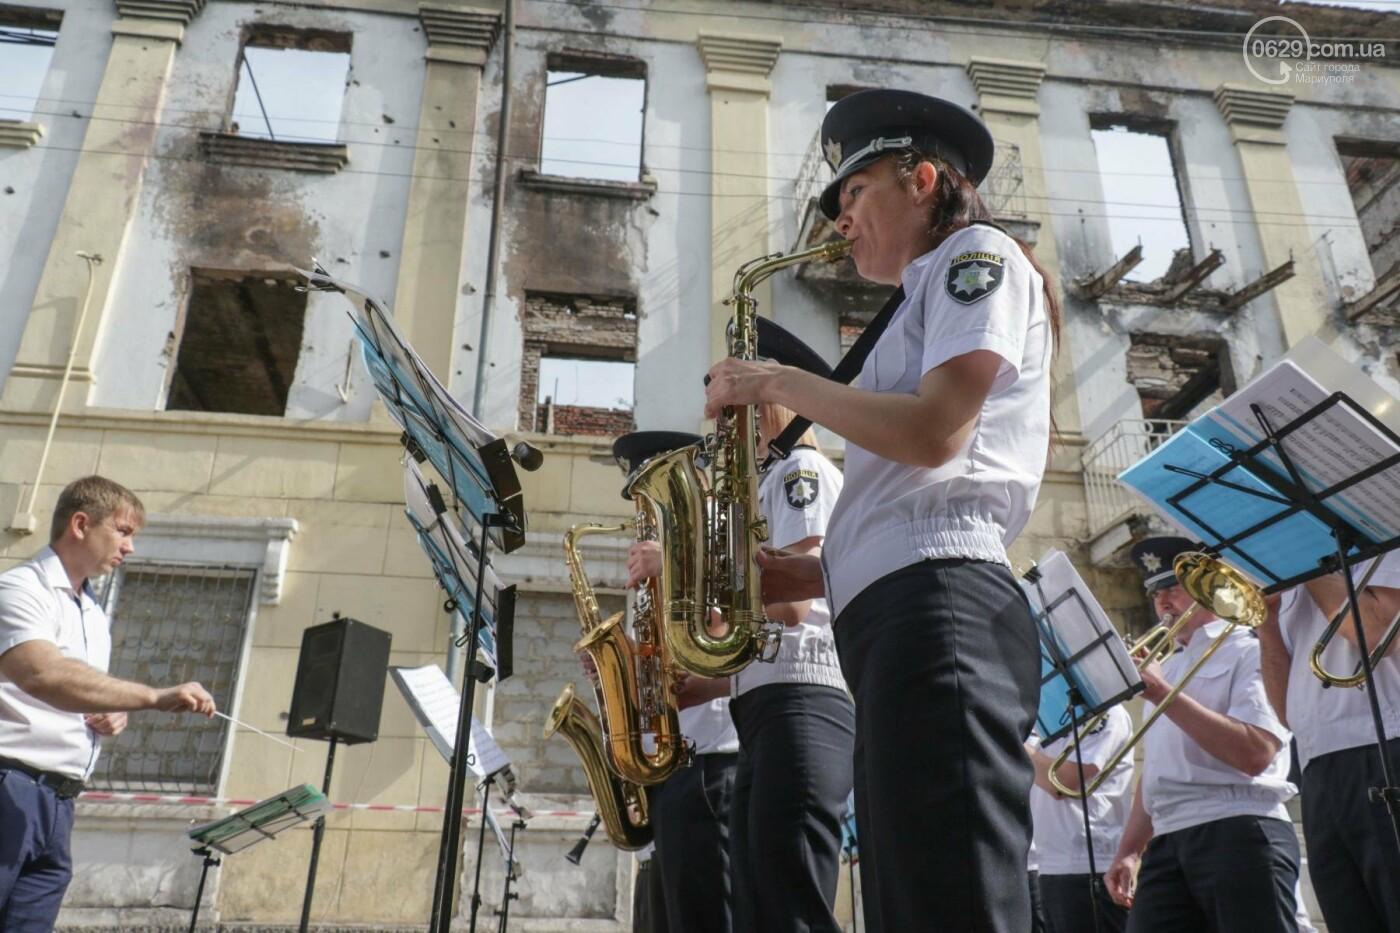 В Мариуполе почтили память патриотов, погибших 9 мая 2014 года  (ФОТОРЕПОРТАЖ+ВИДЕО), фото-23